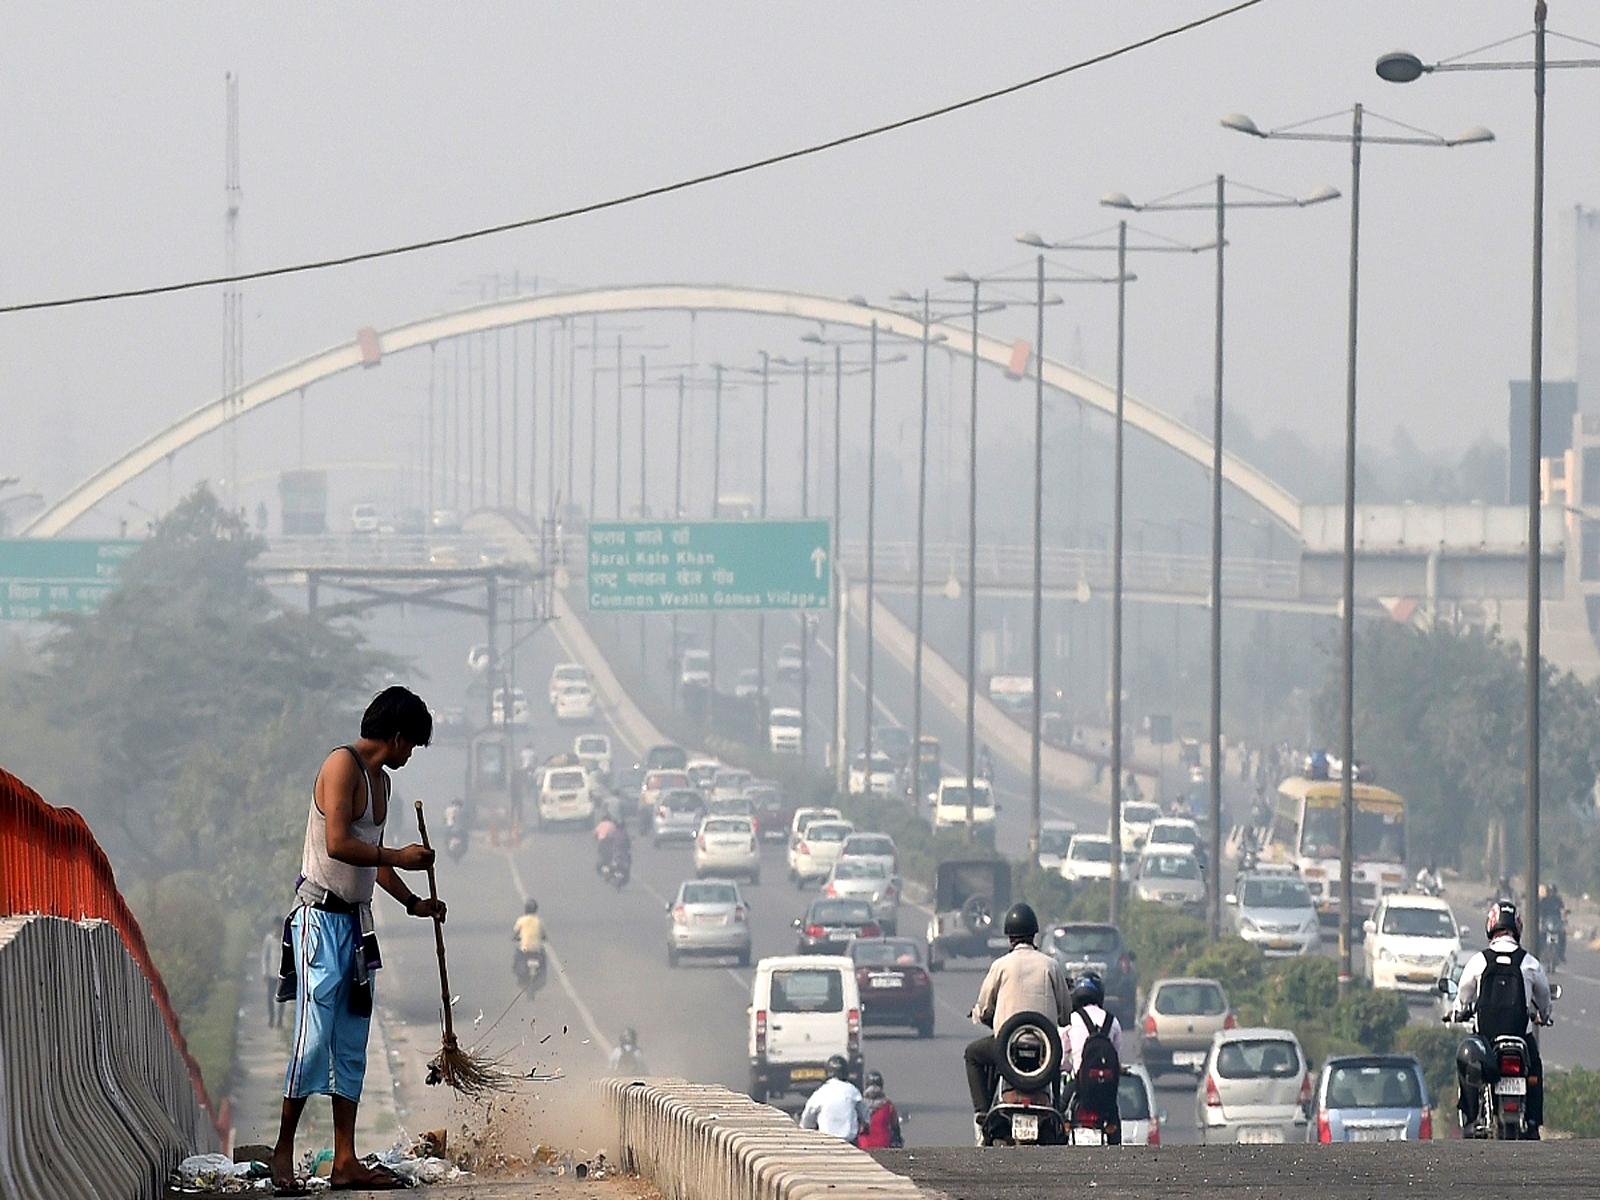 दिल्ली में जानलेवा हो रहा है स्मॉग